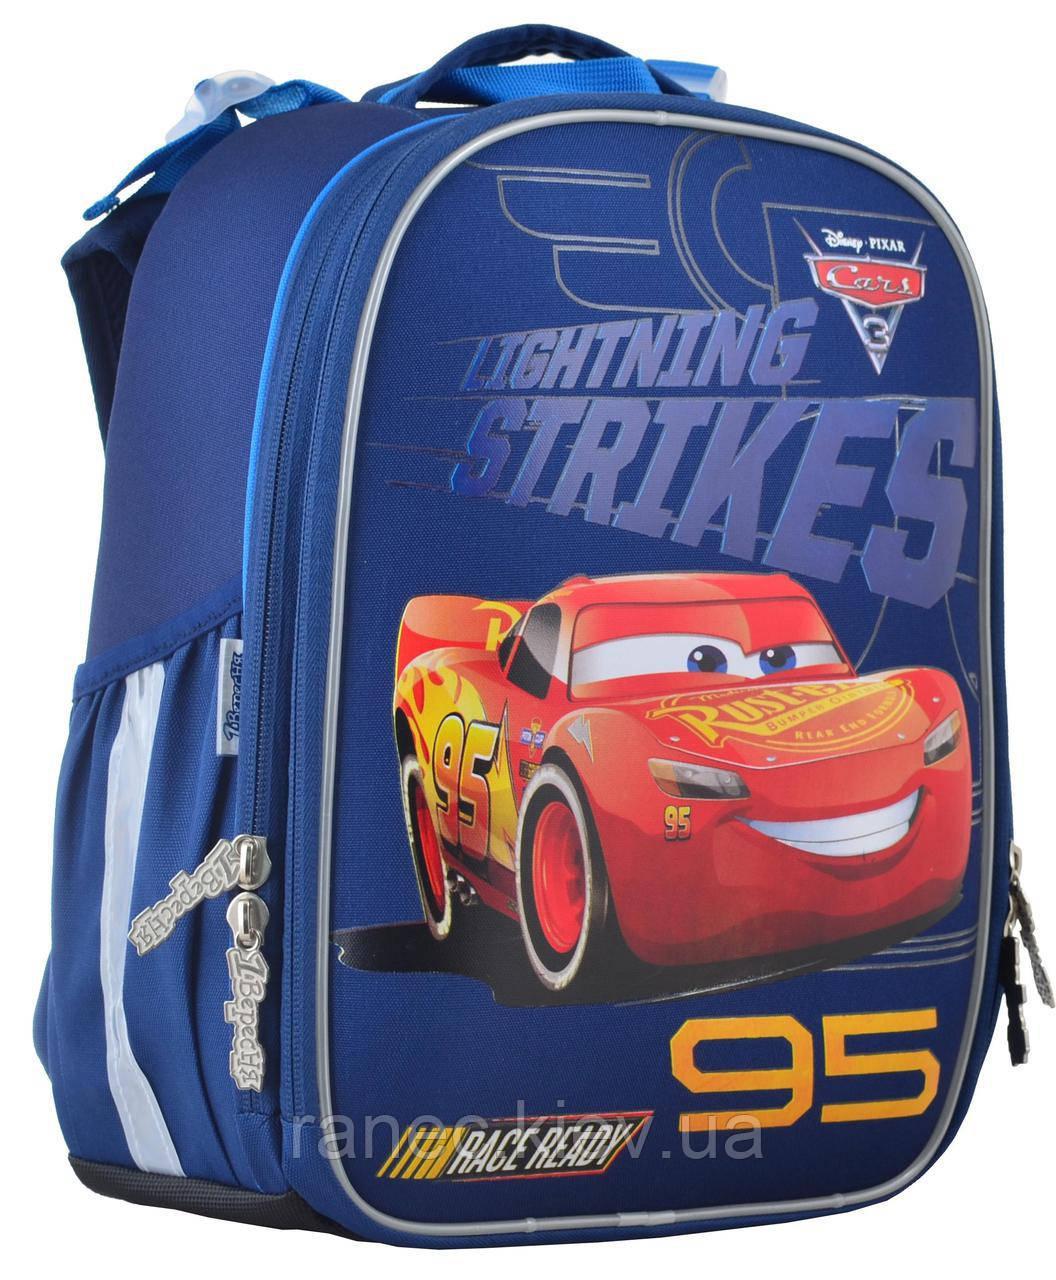 Рюкзак каркасный 1 Вересня Н-25 Cars 555368